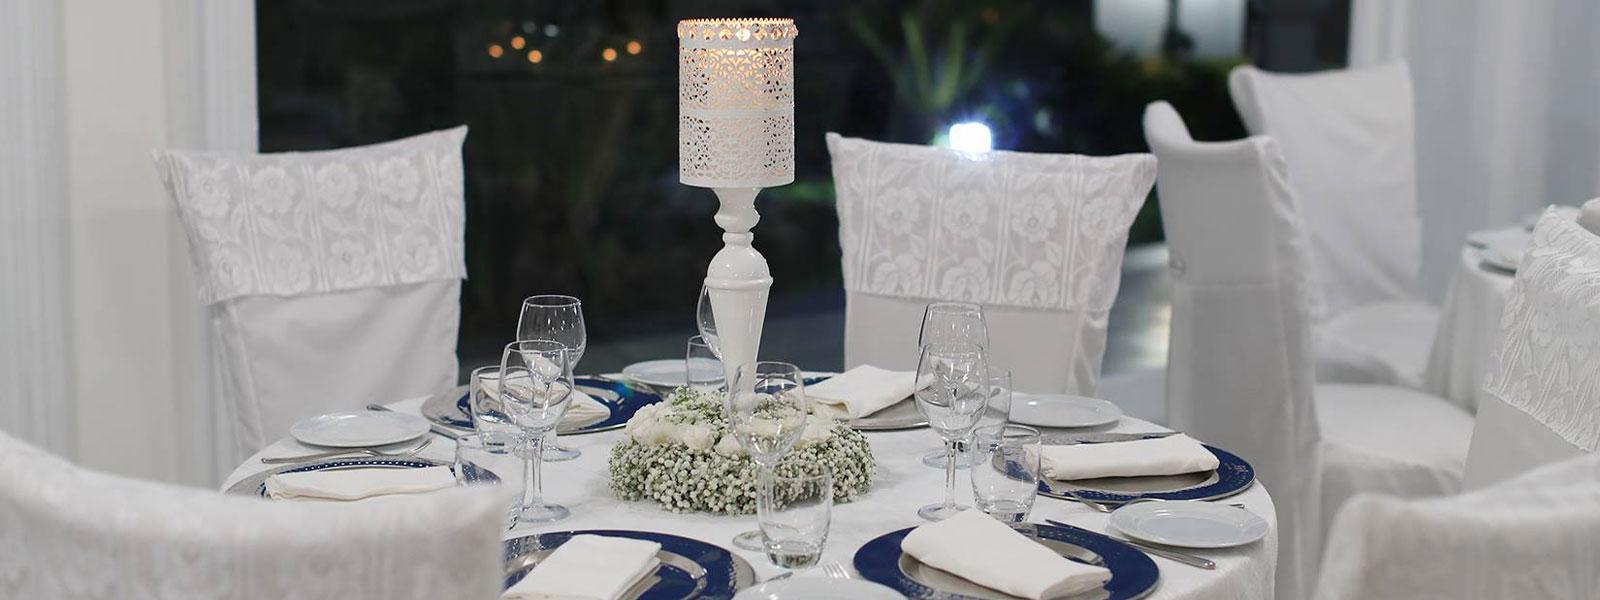 Tavoli apparecchiati con tovaglie bianche, un lumino e decorazione con dei fiori al centro